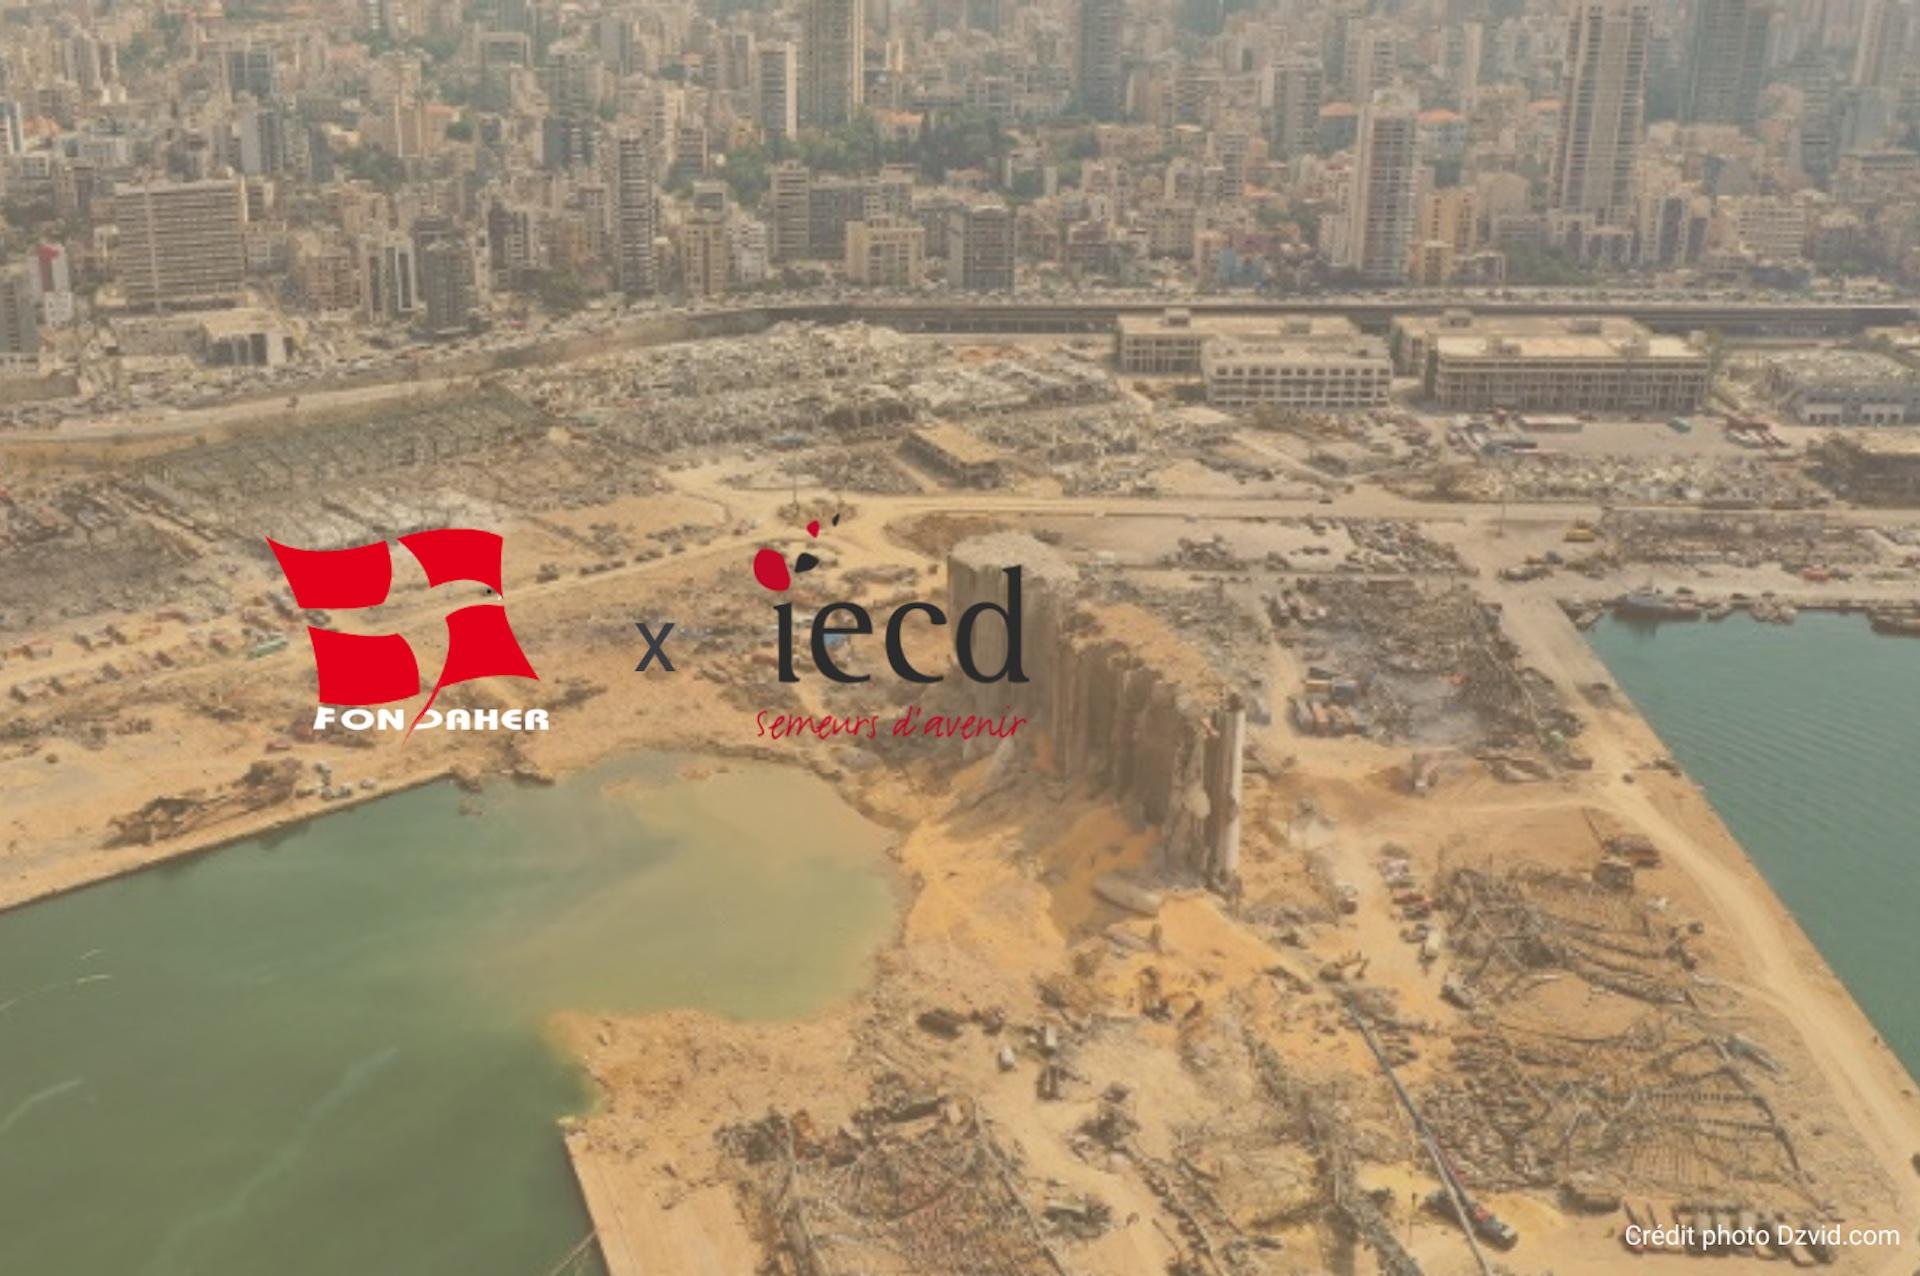 Fondaher aide l'IECD face à l'urgence du Liban